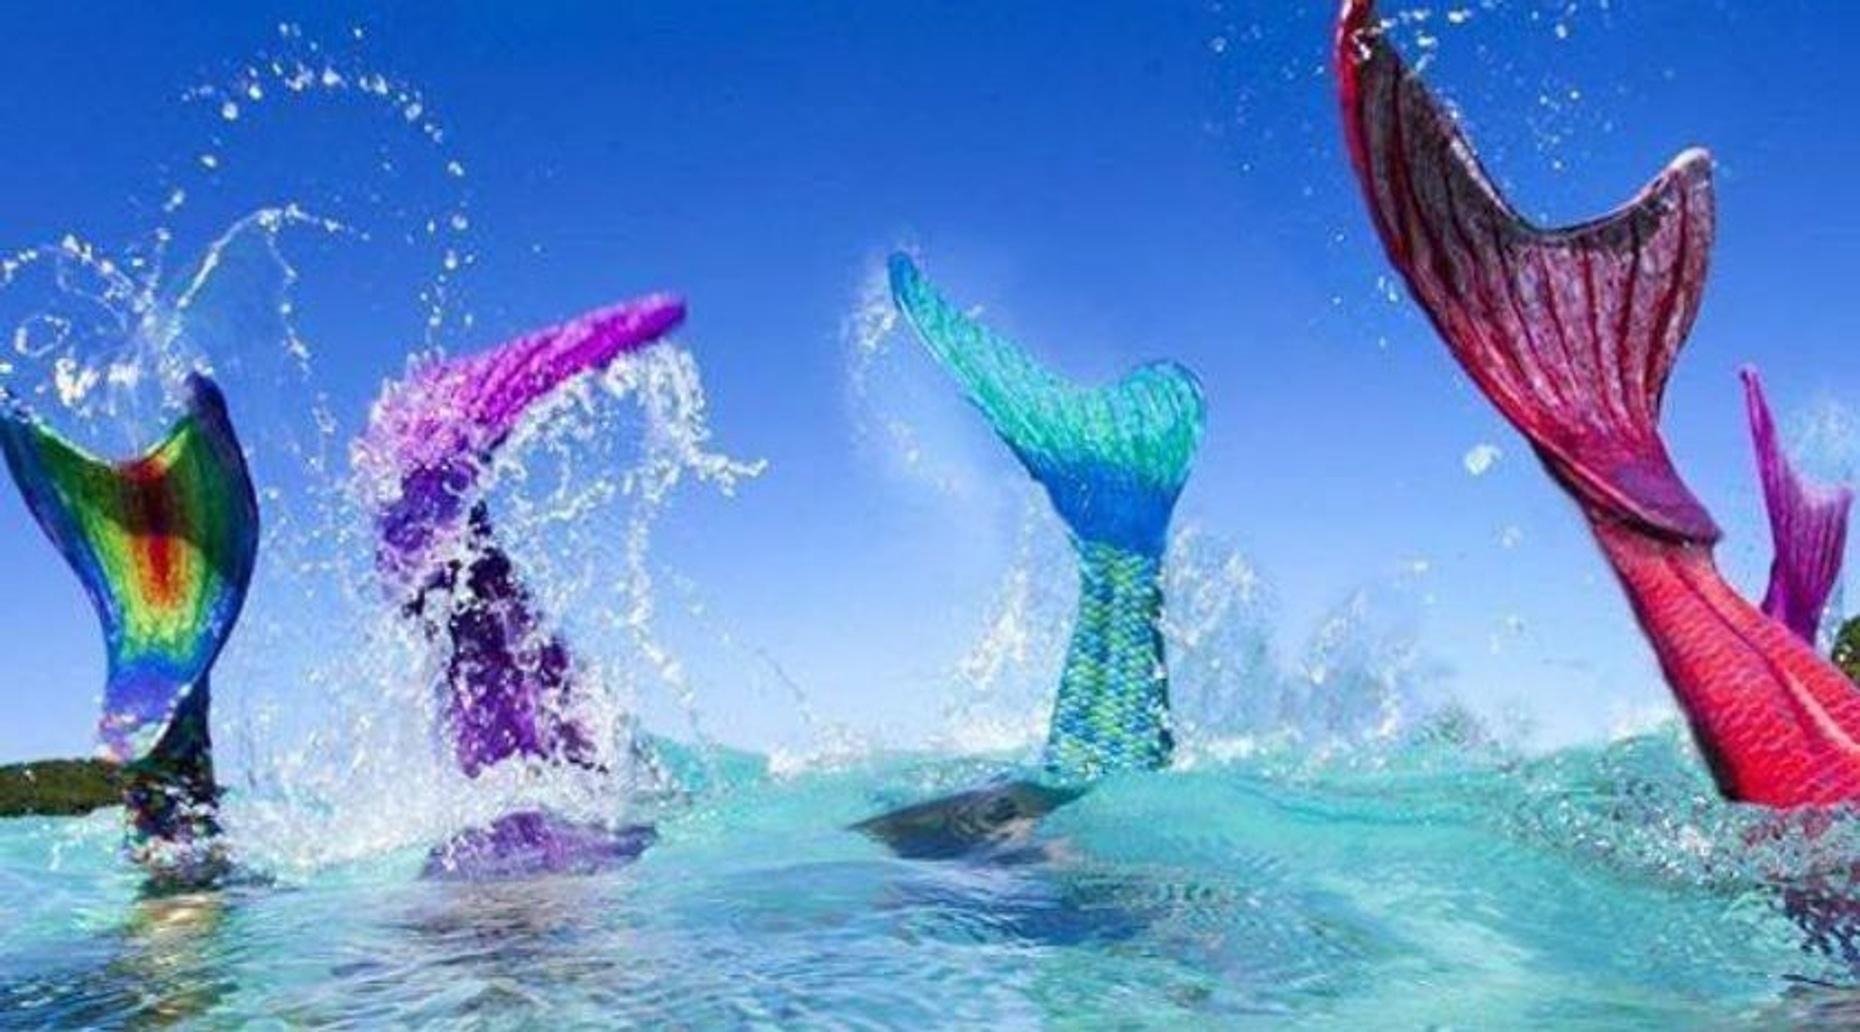 2-Hour Mermaid Class in Apollo Beach